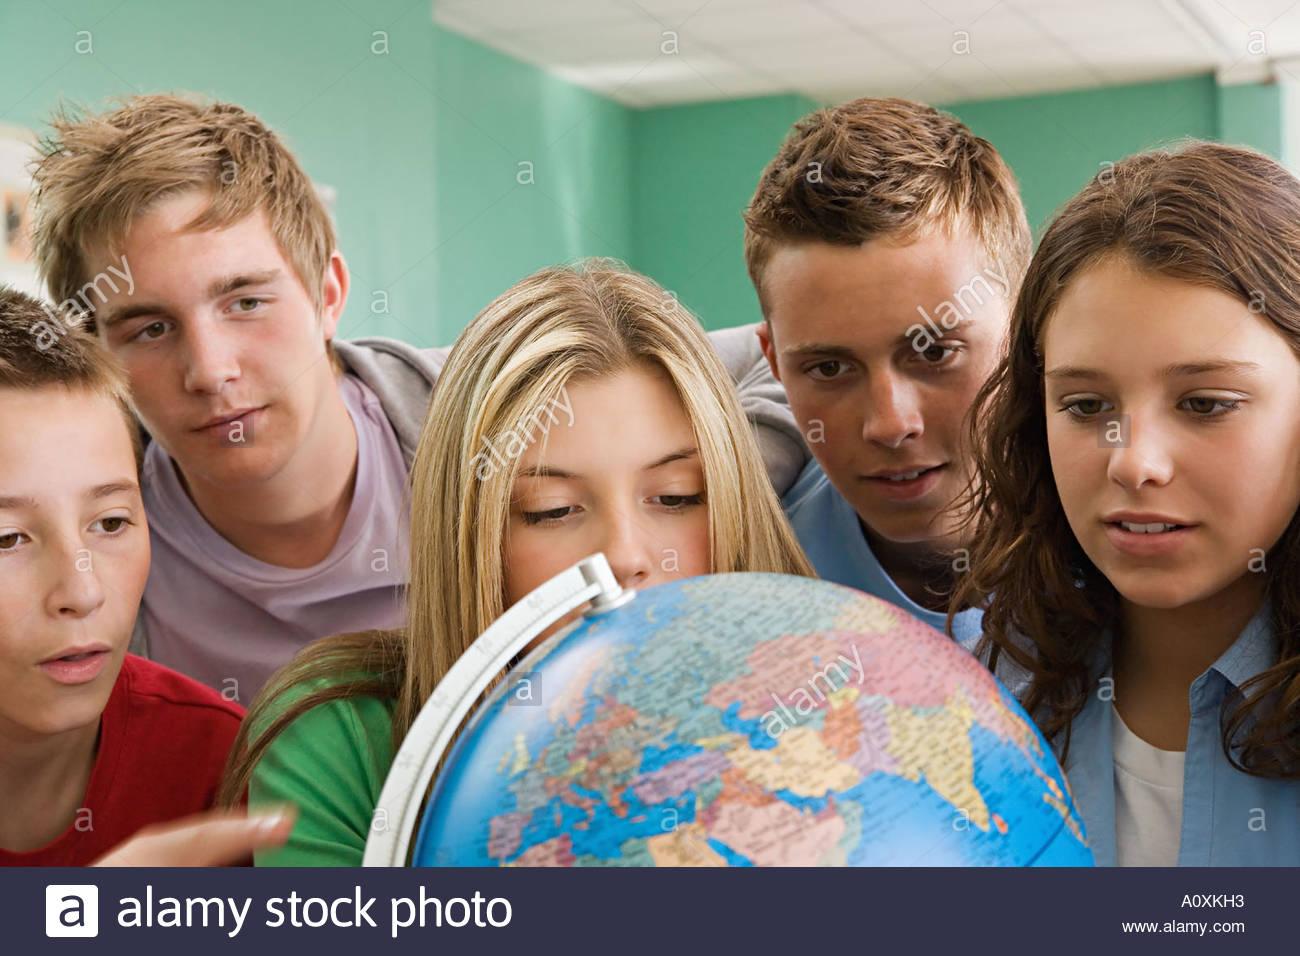 Les élèves de l'école looking at a globe Photo Stock